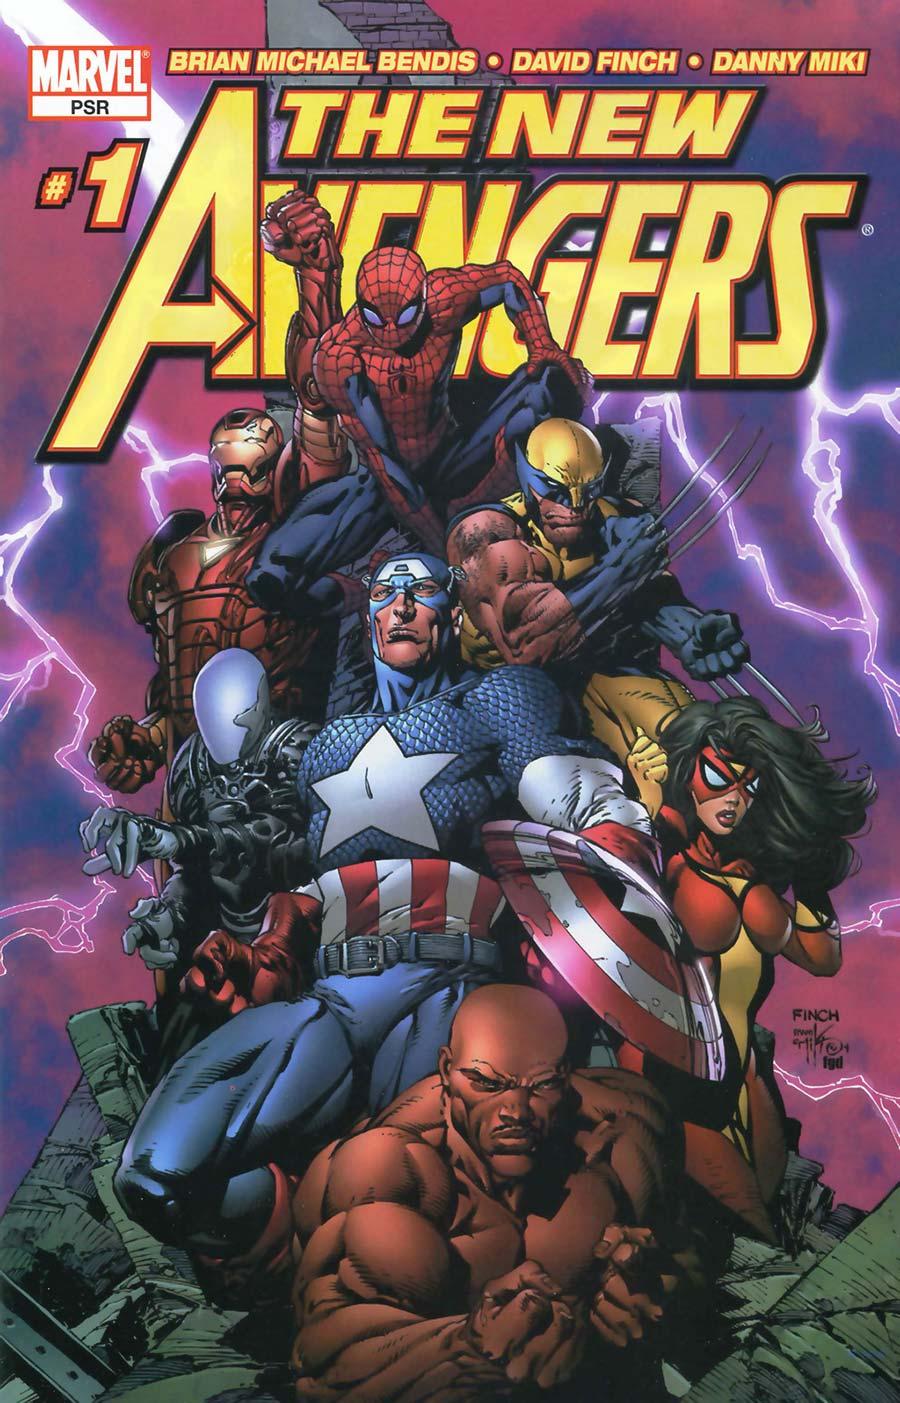 Avengers (Brian Michael Bendis)